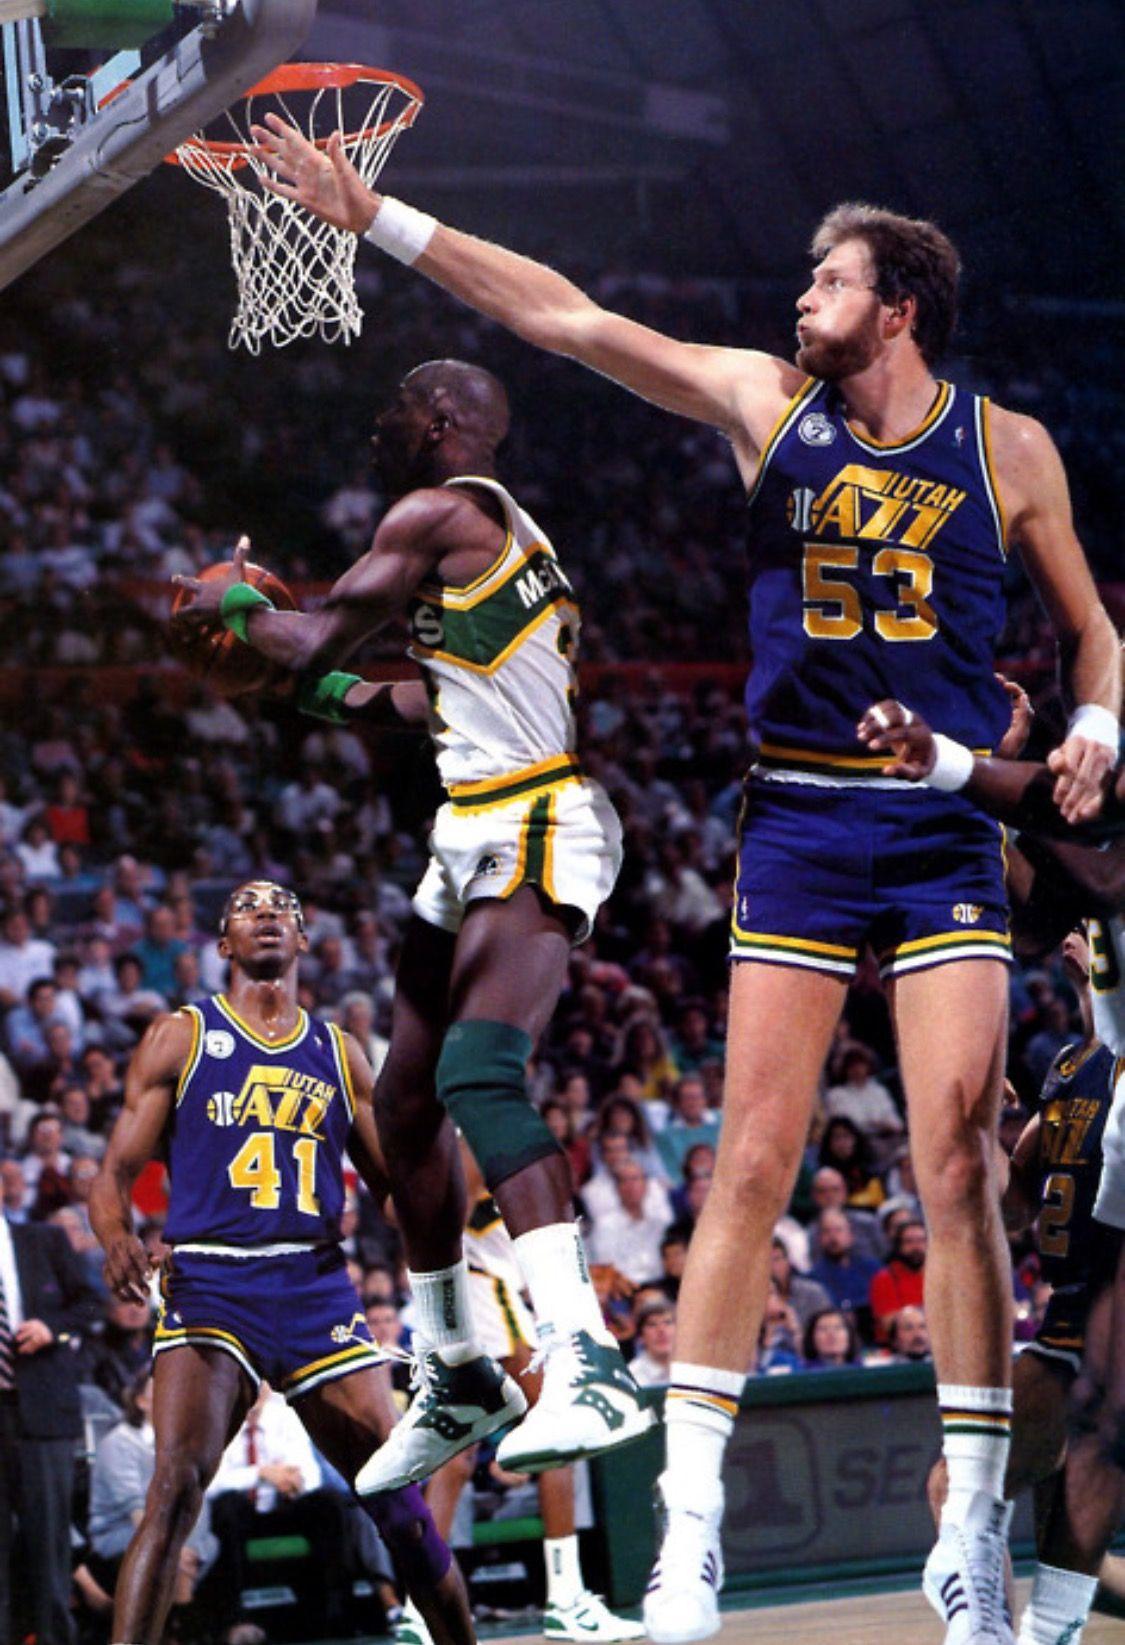 盤點NBA歷史上的五大巨人:兩人身高並列第一,2米26的姚明只能排第五!-Haters-黑特籃球NBA新聞影音圖片分享社區